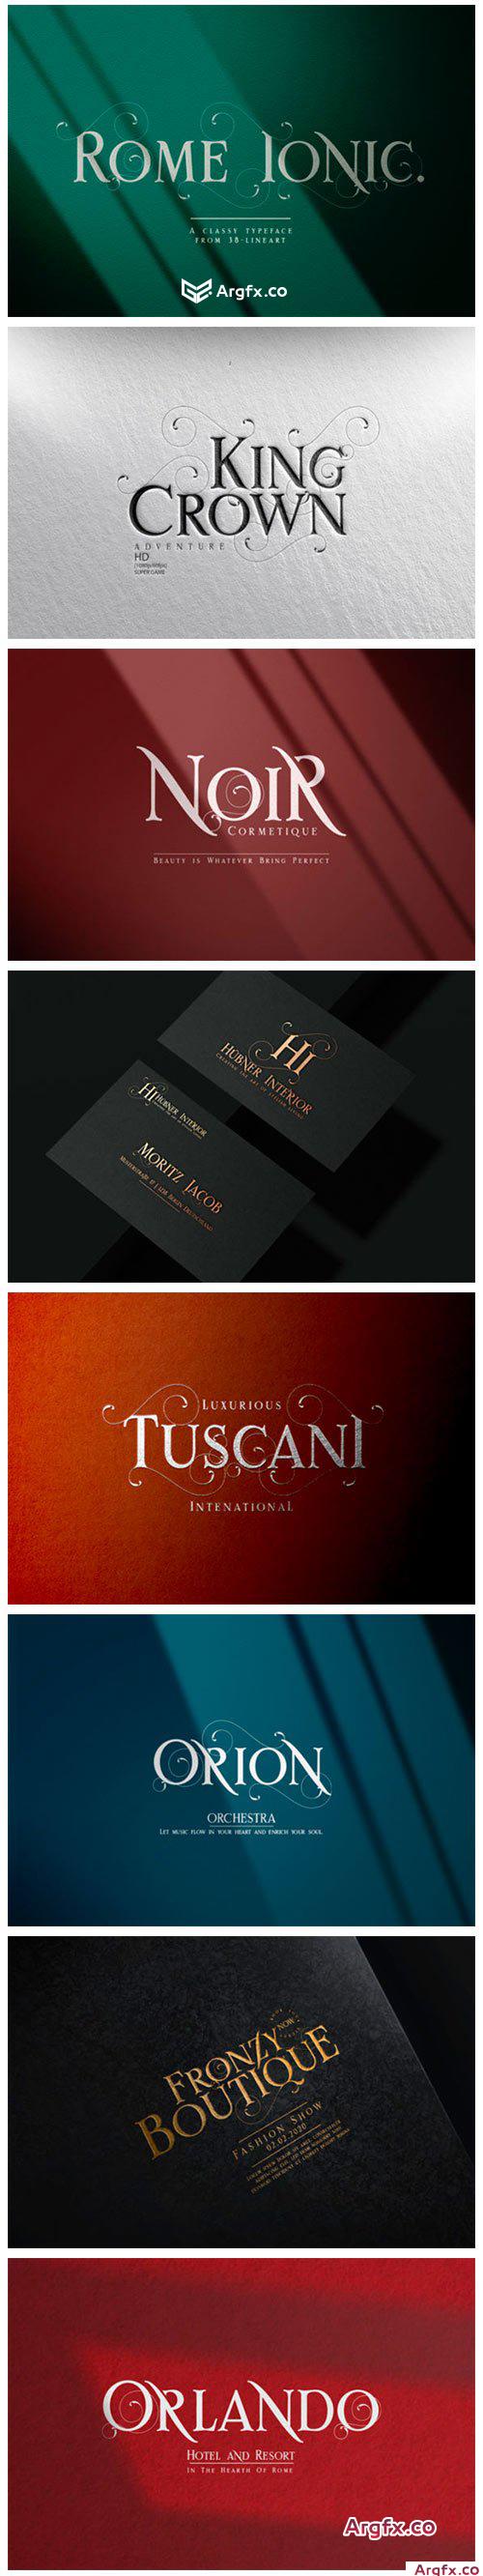 Rome Ionic Font